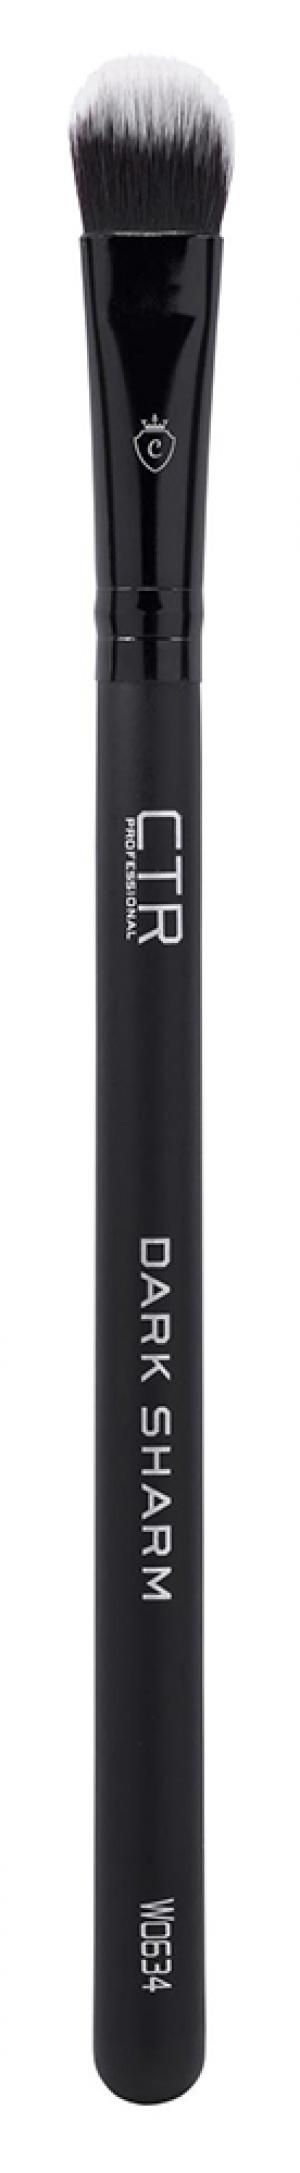 Кисть для нанесення тіней, консилера, коректора W0634  - 00-00011538